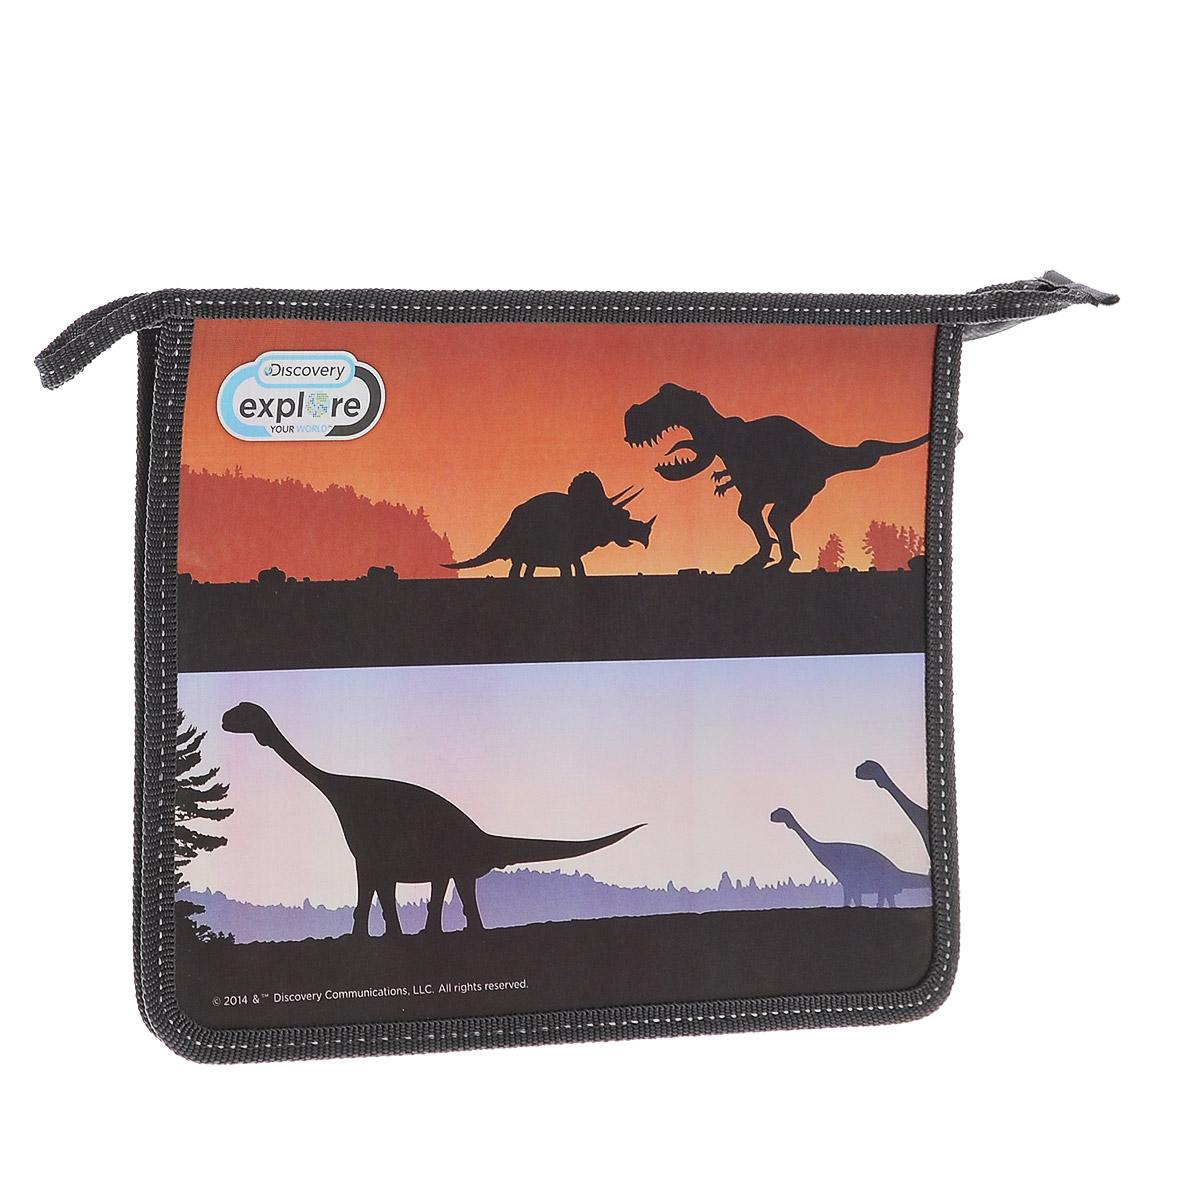 Action! Папка для тетрадей Discovery Динозавры цвет черныйAZ-FZA5_синийПапка Action! Discovery предназначена для хранения тетрадей, рисунков и прочих бумаг с максимальным форматом А5. Папка выполнена из прочного материала и содержит одно отделение. Закрывается она на застежку-молнию. Лицевая сторона папки оформлена изображениями силуэтов динозавров.С папкой Action! Discovery тетради вашего ребенка всегда будут выглядеть опрятно.